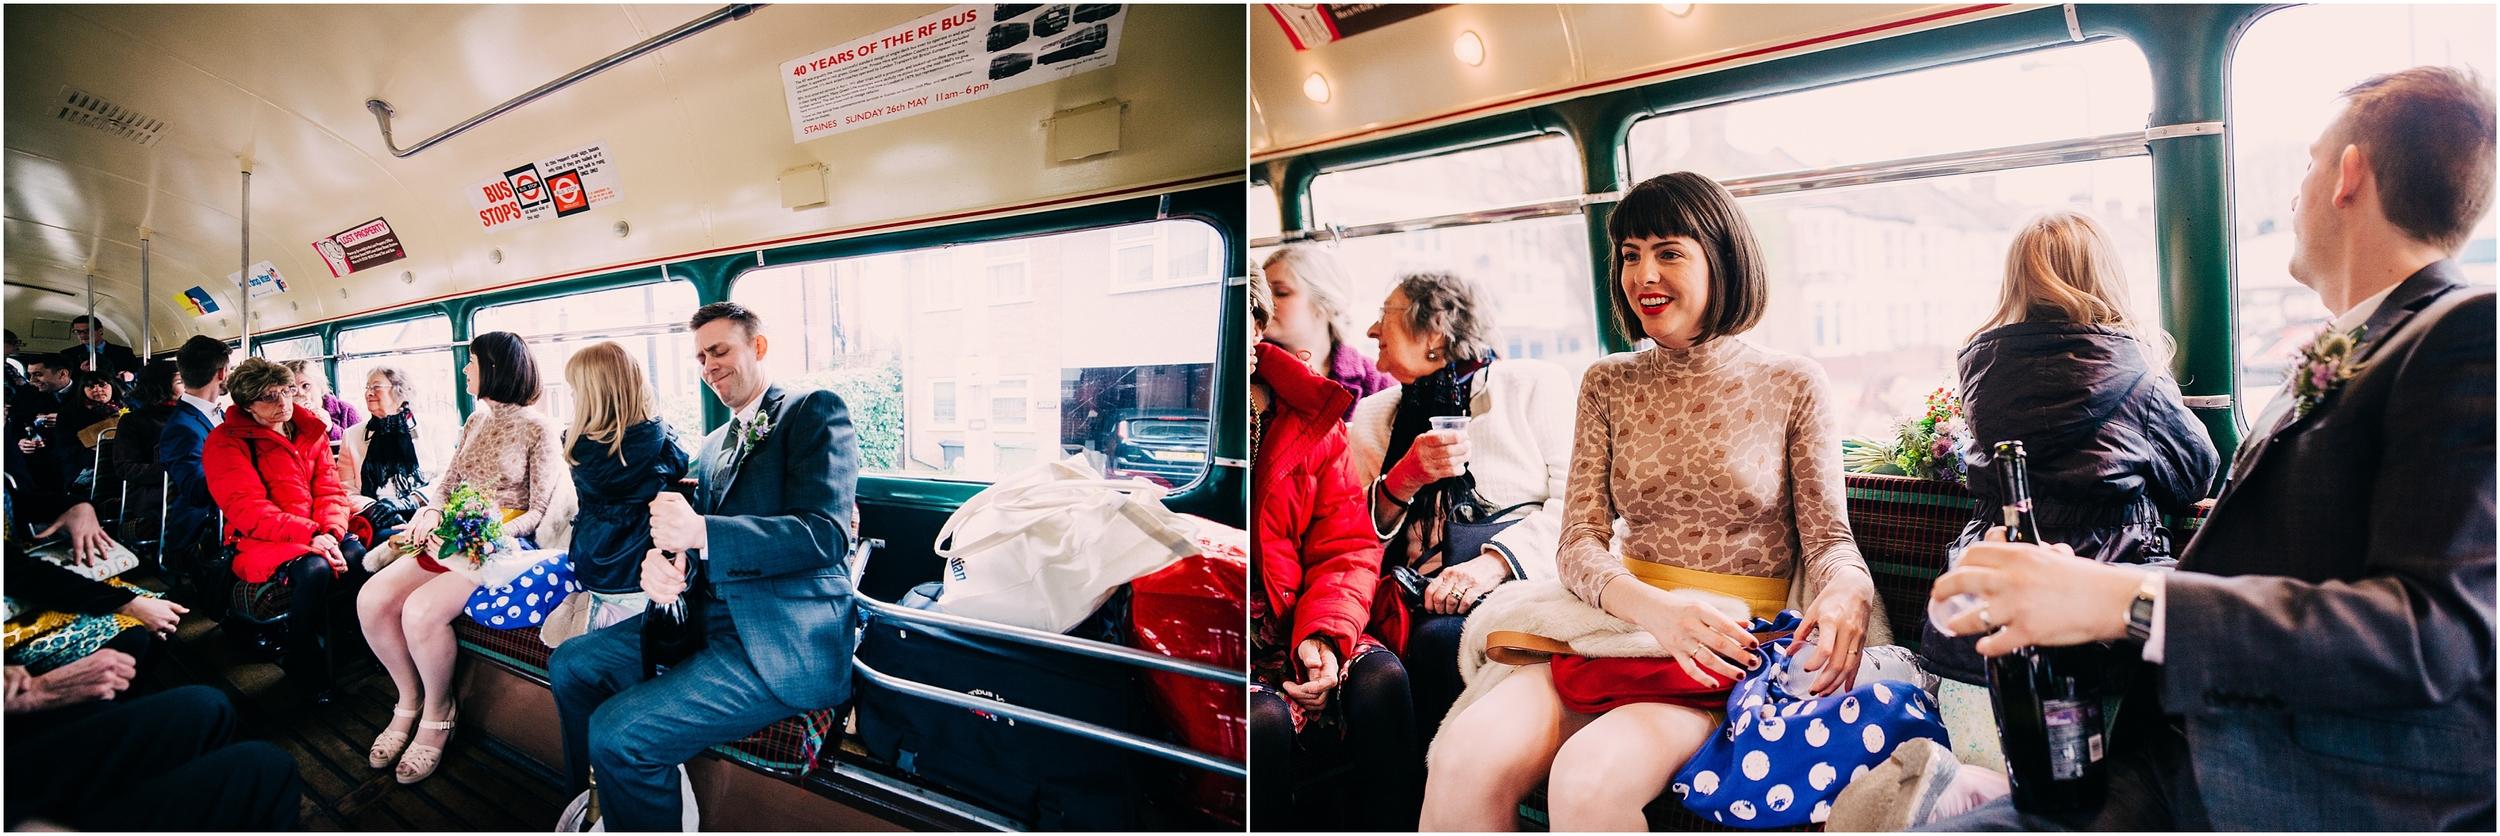 alternative london wedding photographer_0014.jpg